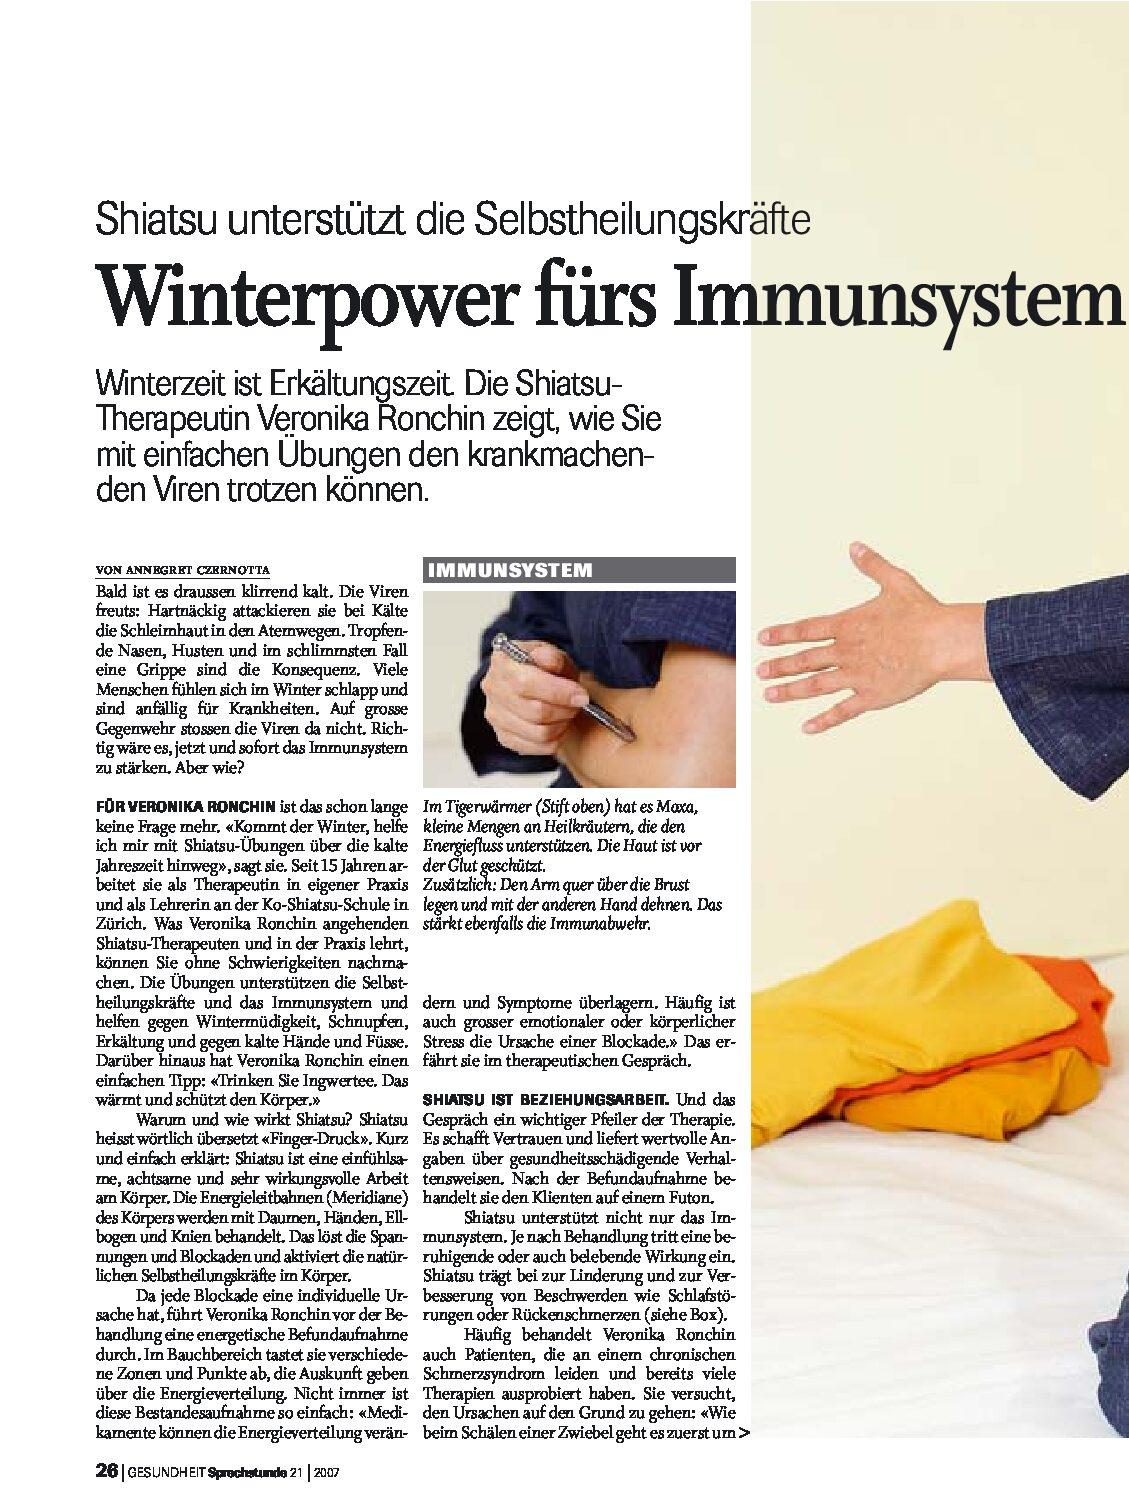 Winterpower fürs Immunsystem (2007)